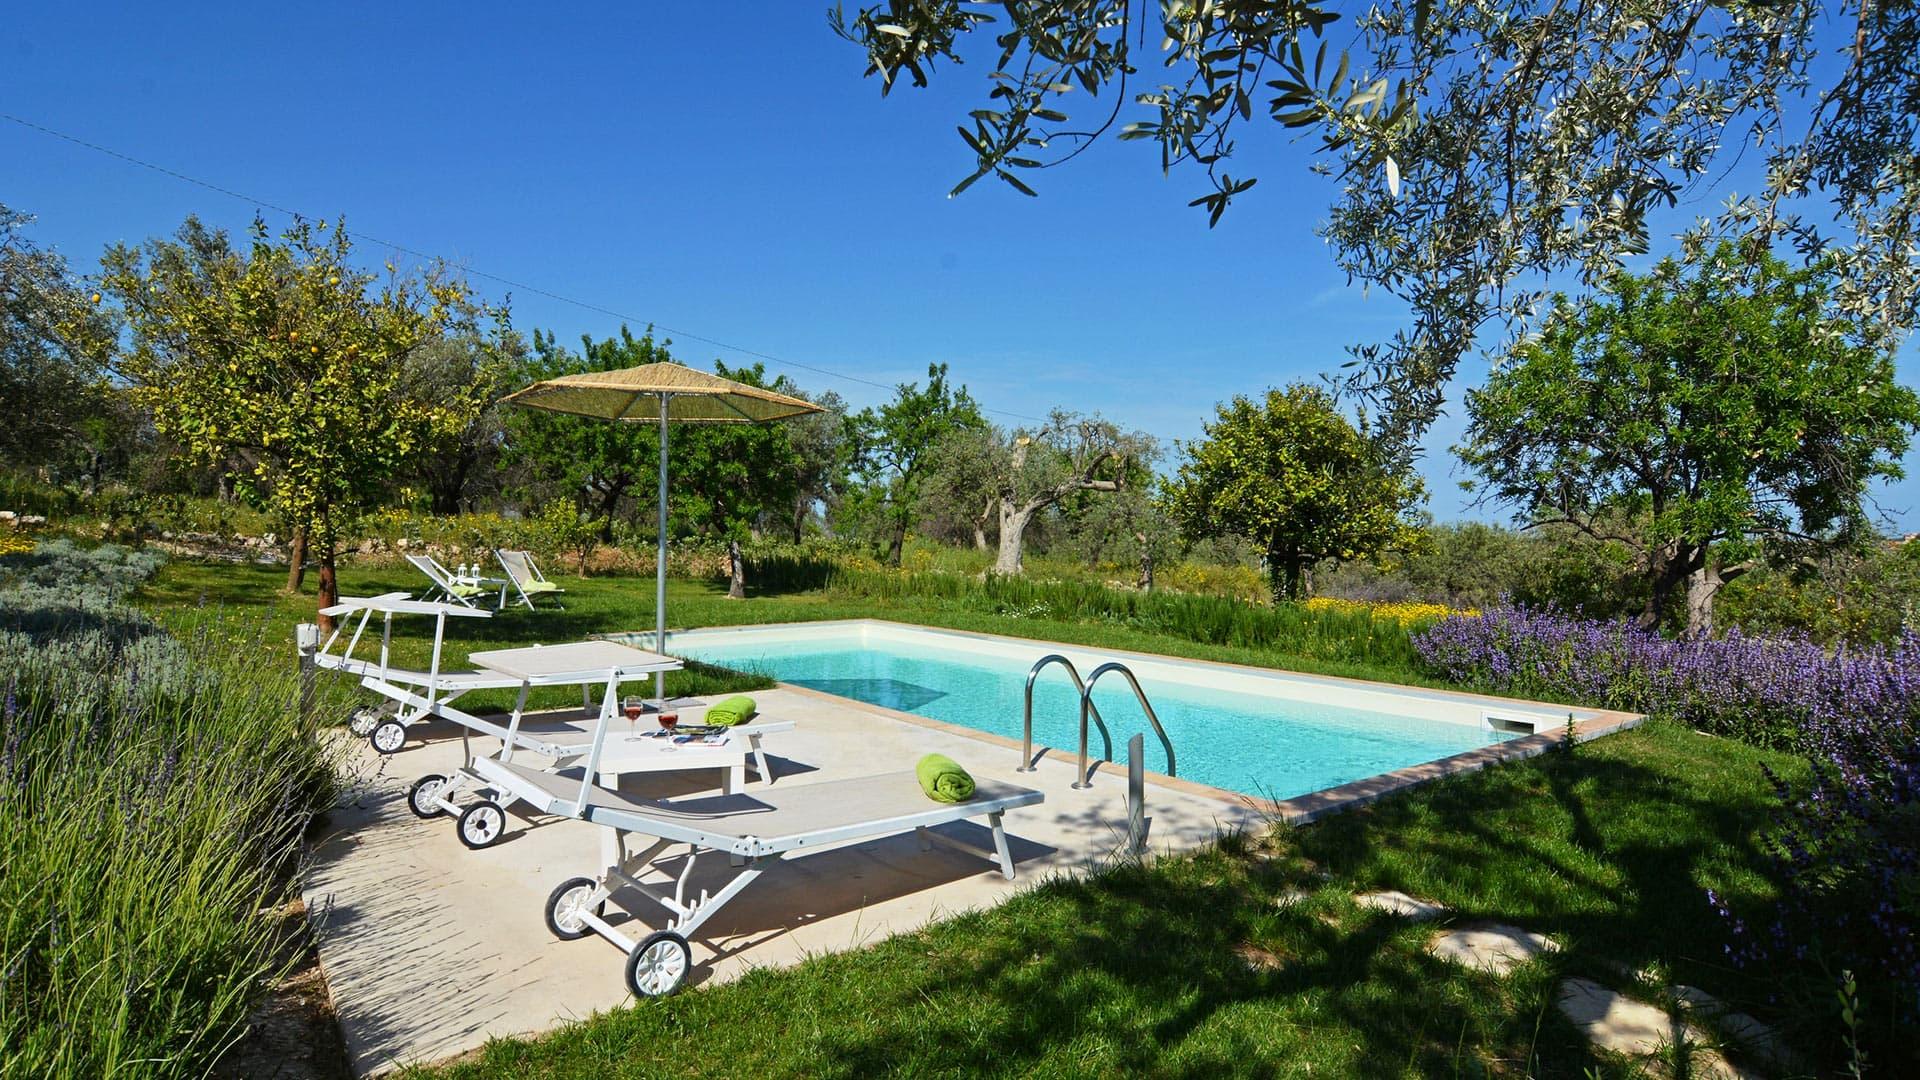 Villa Tufo - Villa rental in Sicily, Sicily South | Villanovo